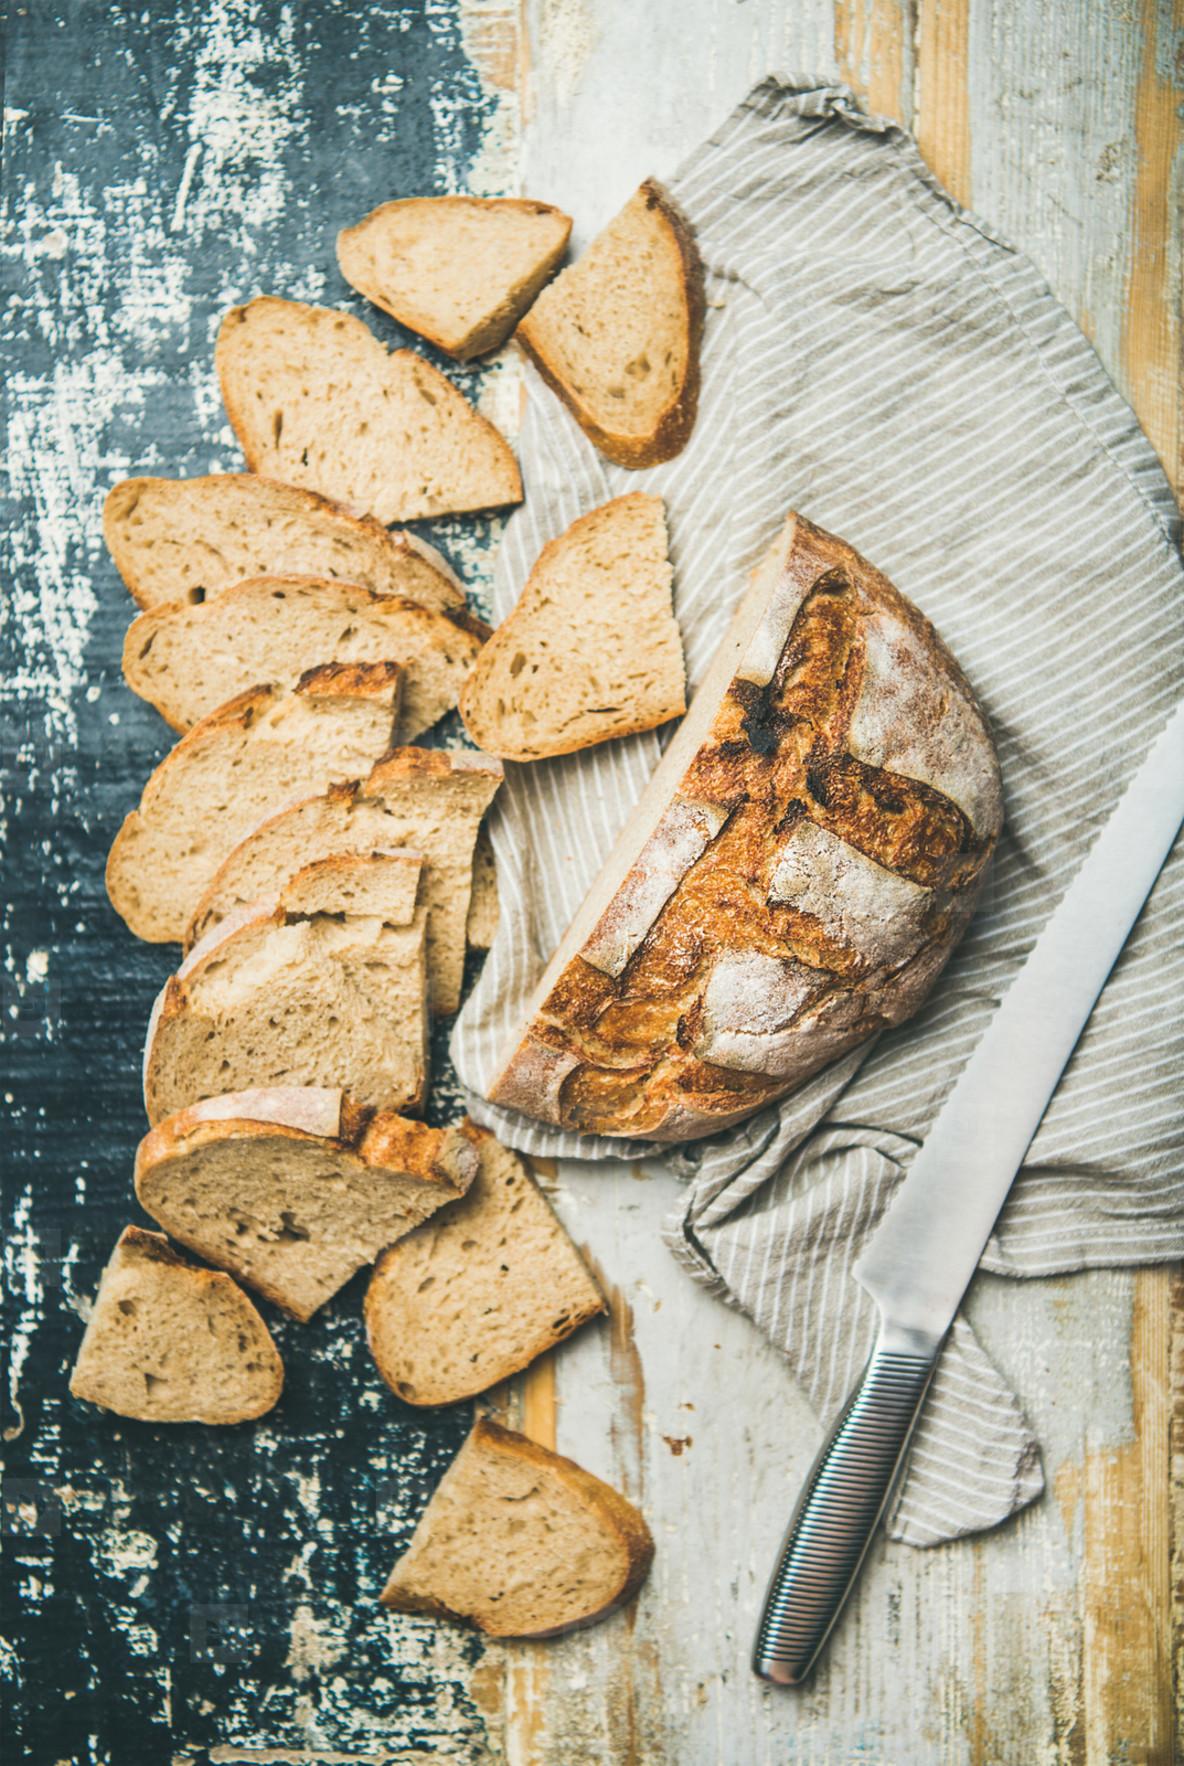 Sourdough wheat bread loaf